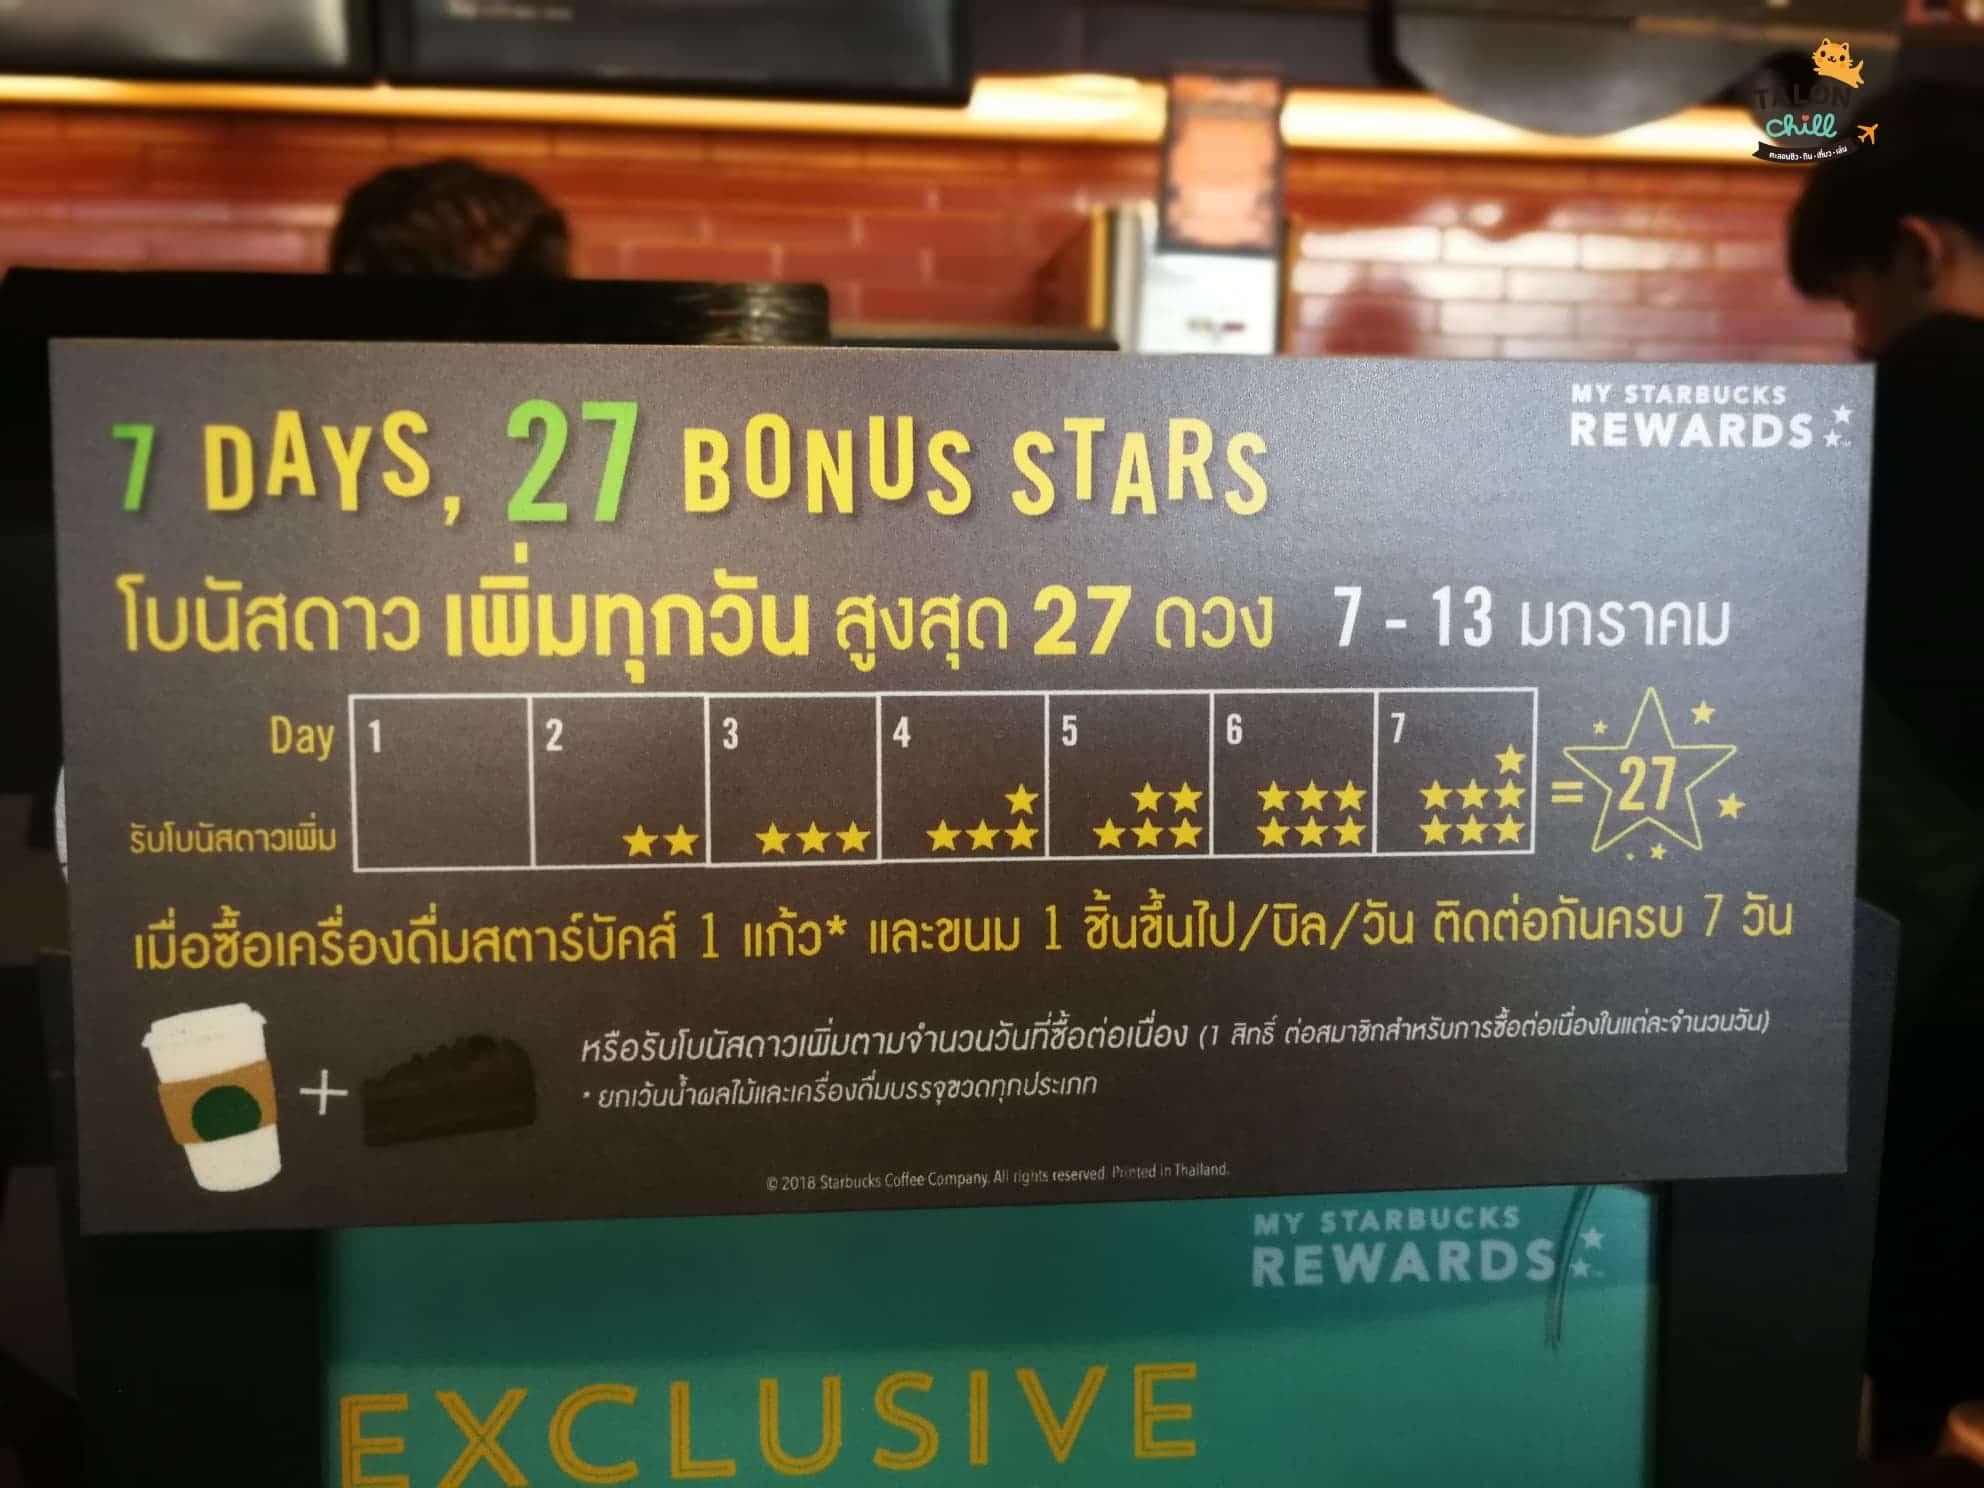 [โปรสตาร์บัคส์] My Starbucks Rewards (สตาร์บัคส์ รีวอร์ดส) 7 วัน 27 โบนัสดาว